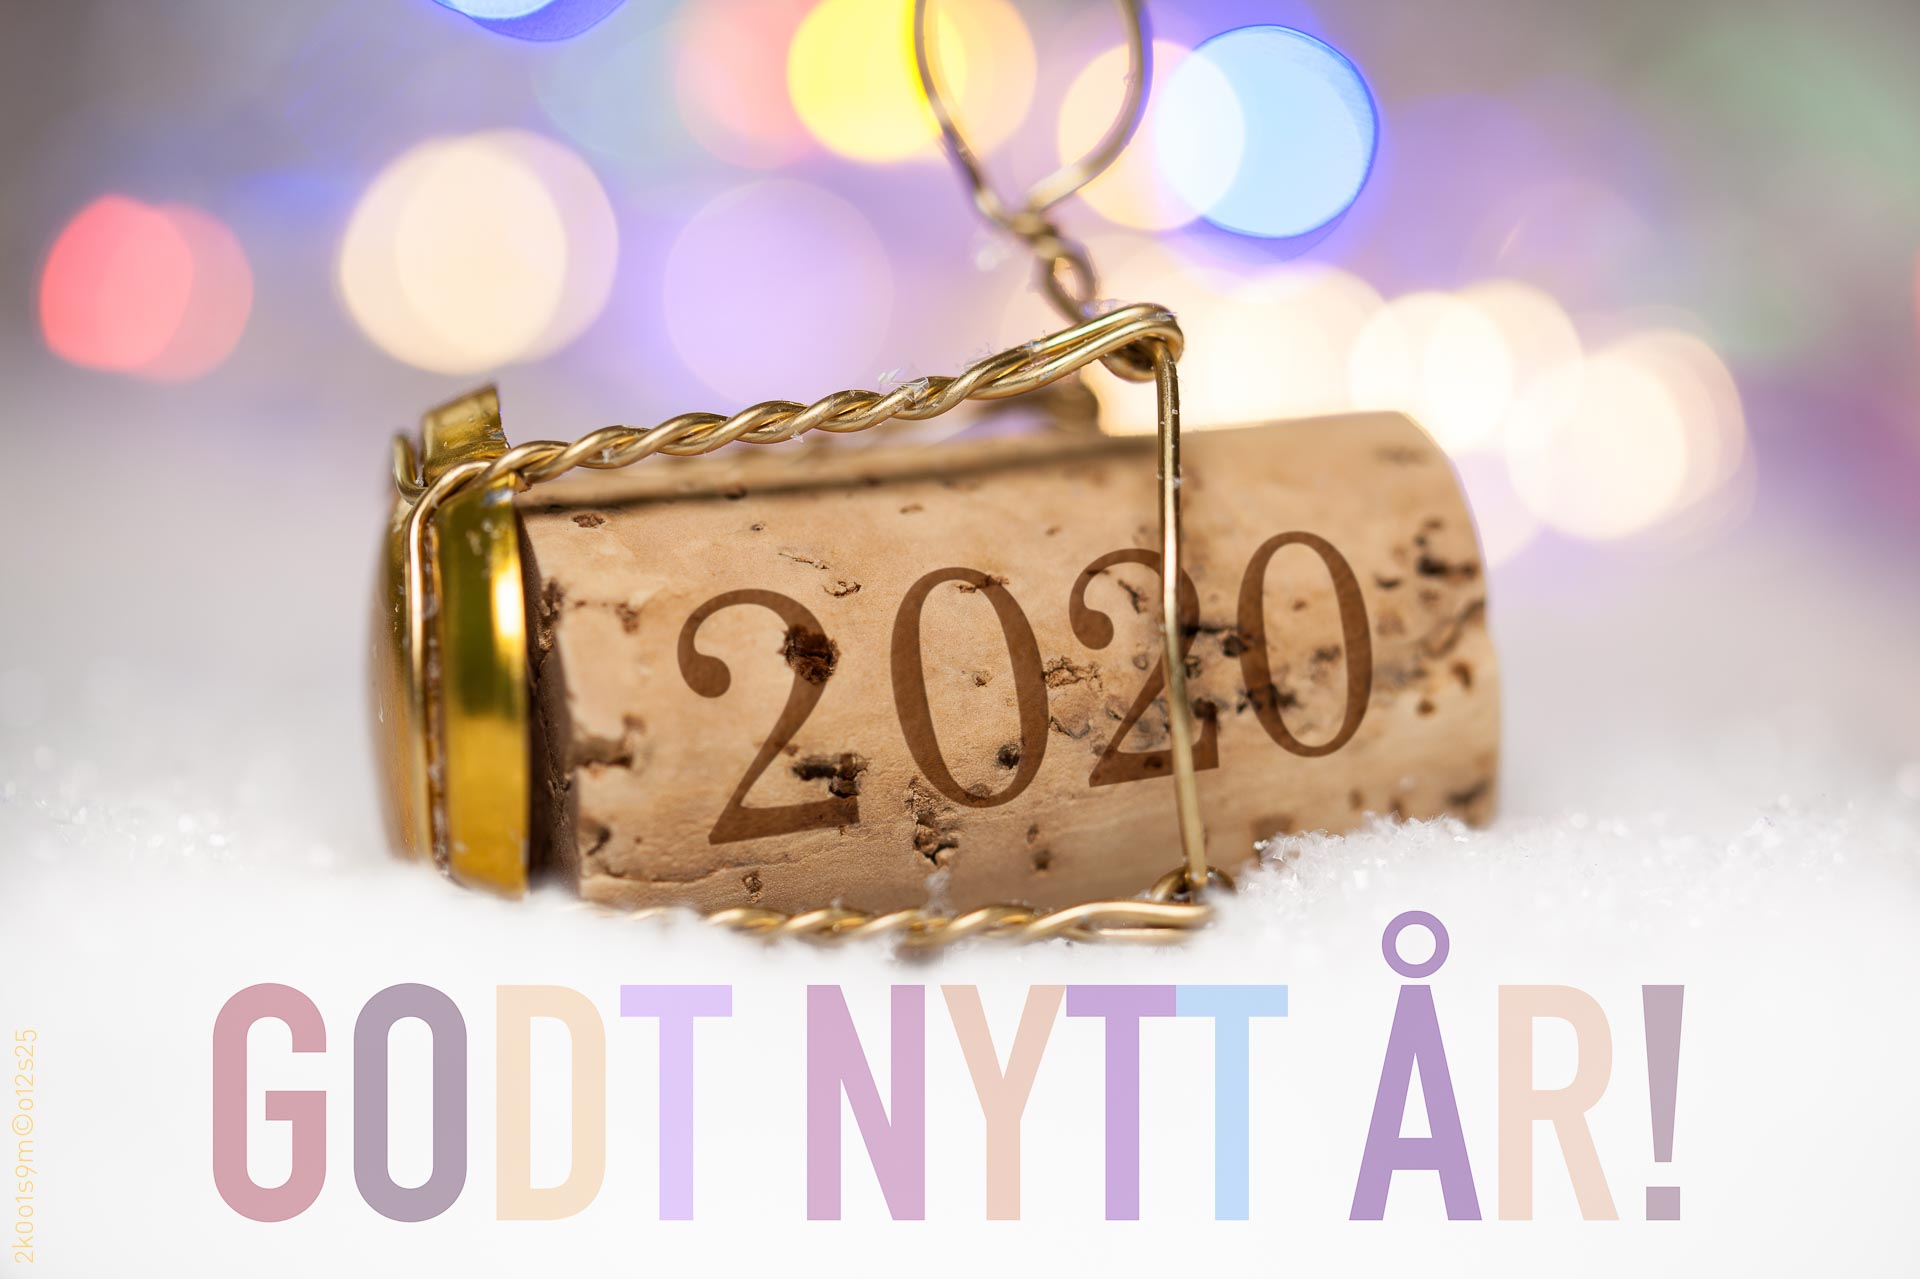 Nyttårshilsen i form av Champagne-kork med innpreget årstall 2020 og pastell «Godt nytt år» tekst.